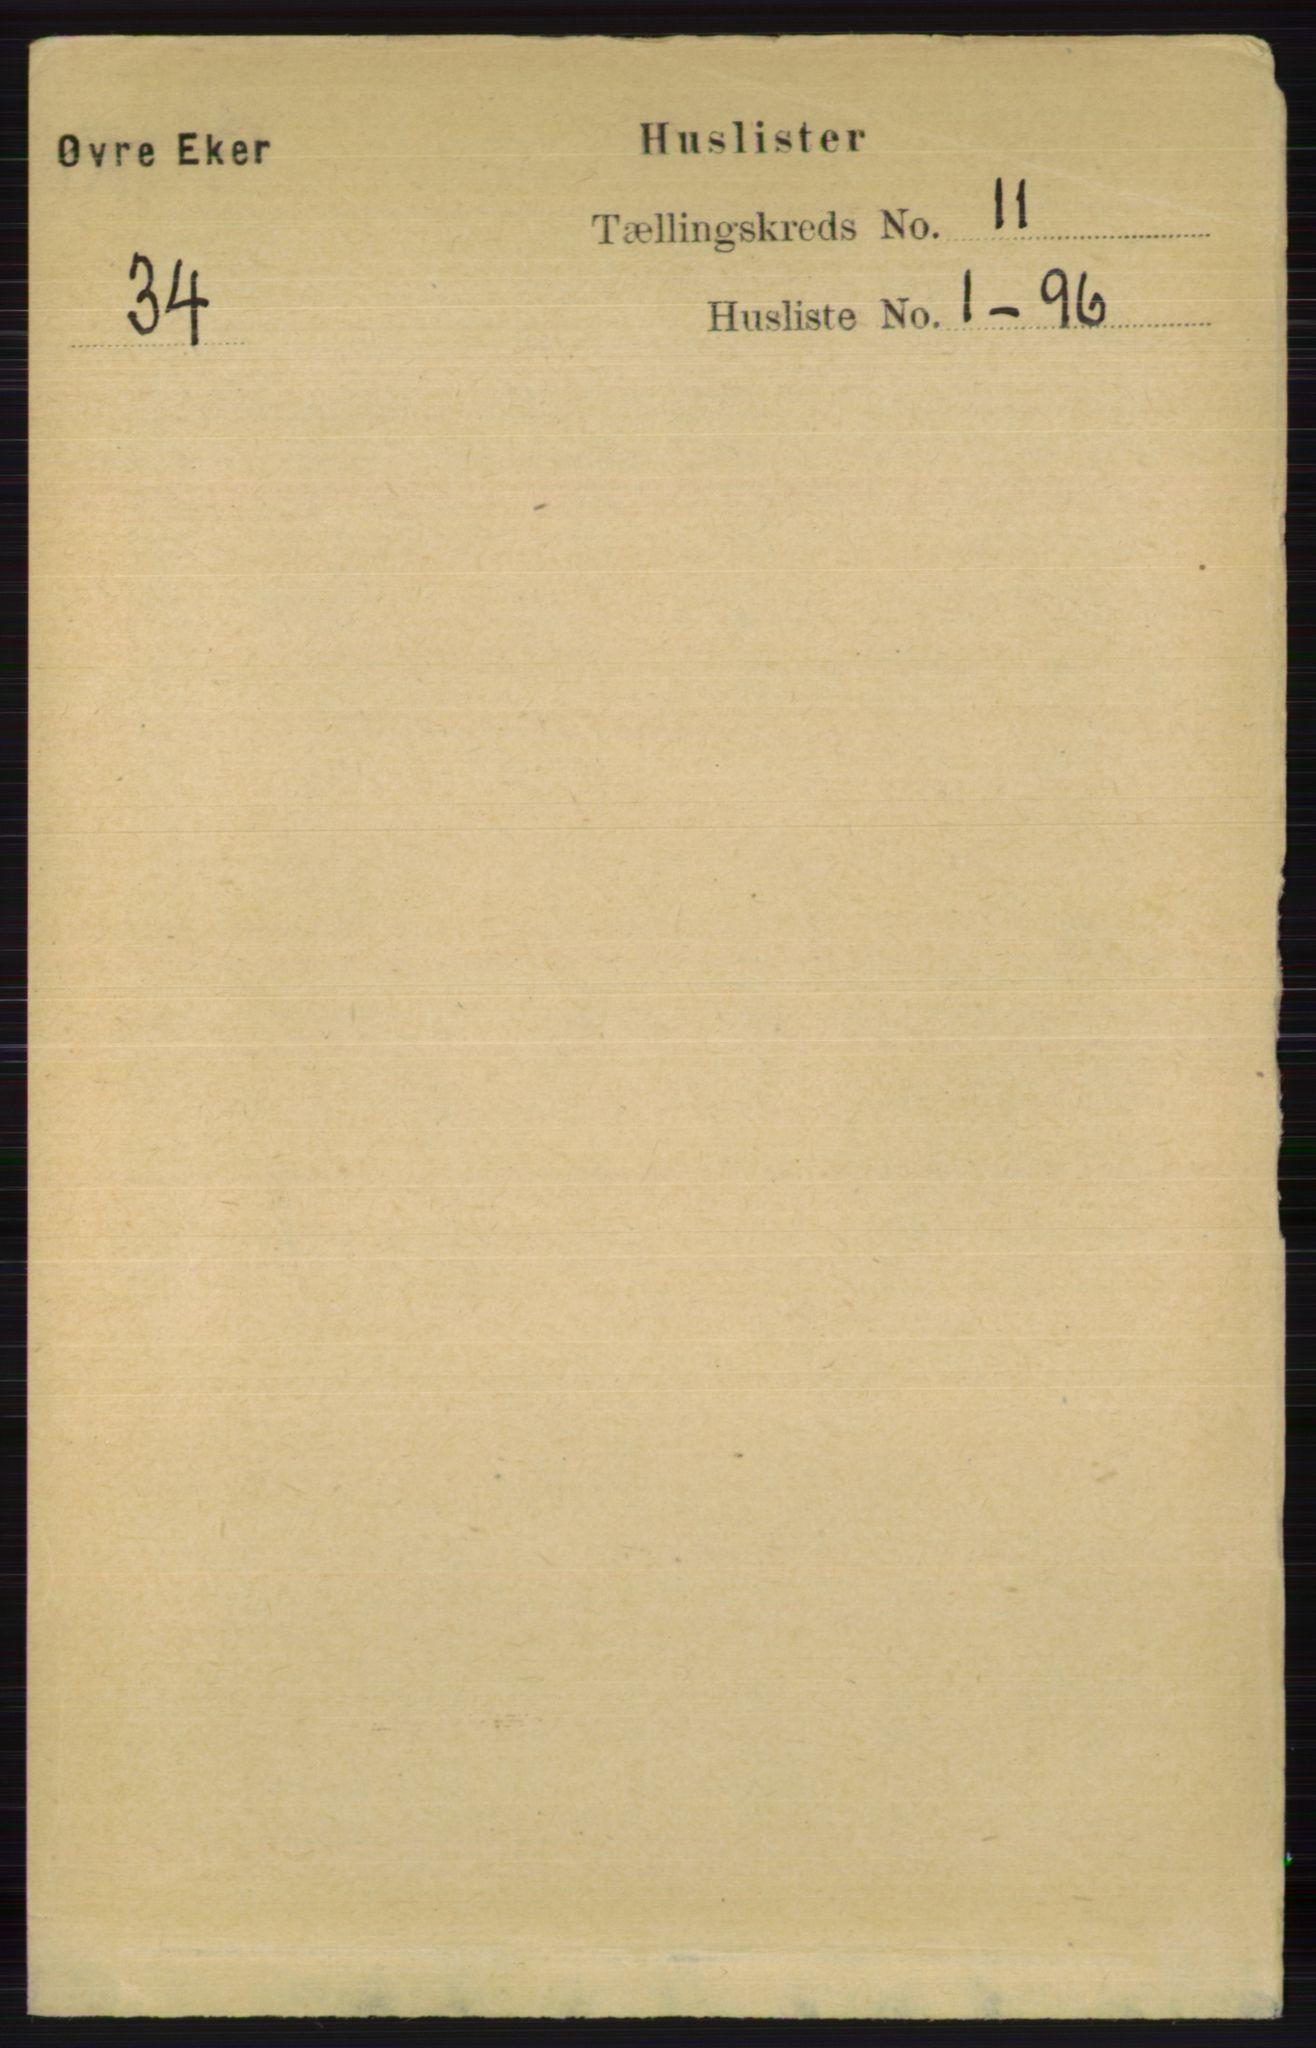 RA, Folketelling 1891 for 0624 Øvre Eiker herred, 1891, s. 4491